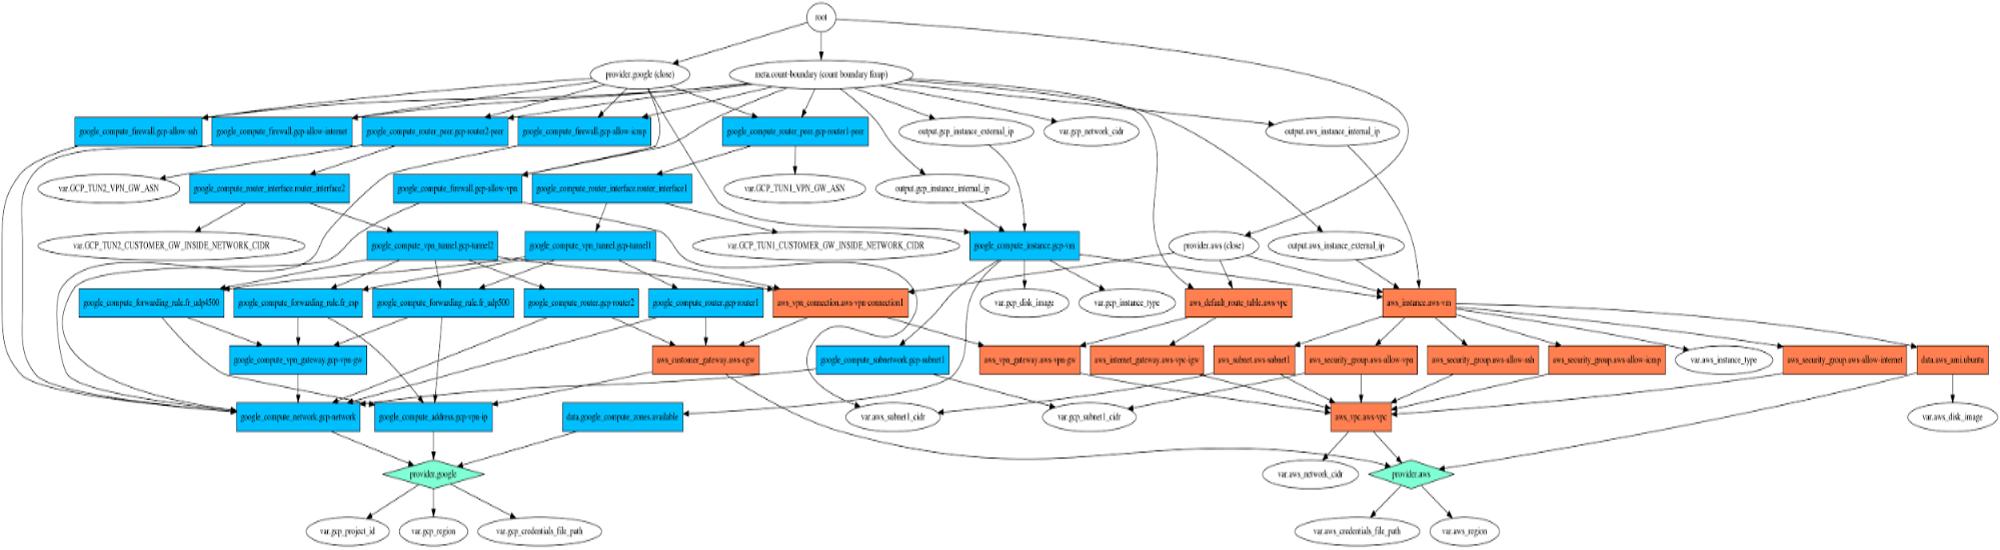 plan_graph 파일